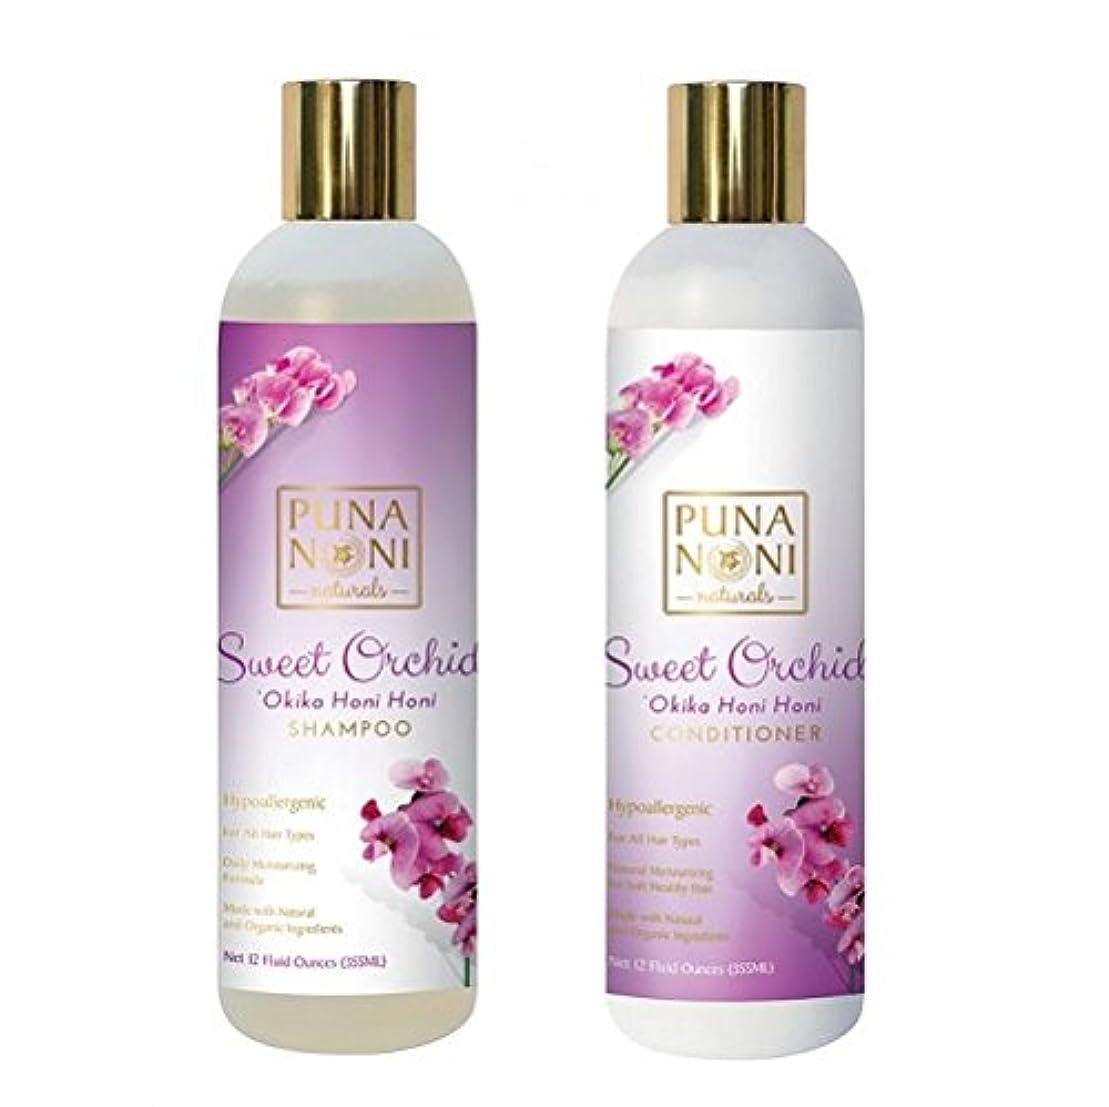 批判的にクリスマス市民権Puna Noni Sweet Orchid Hair Care Package Shampoo&Conditioner ハワイ プナ ノニ スイートオーキッド シャンプー&コンディショナー